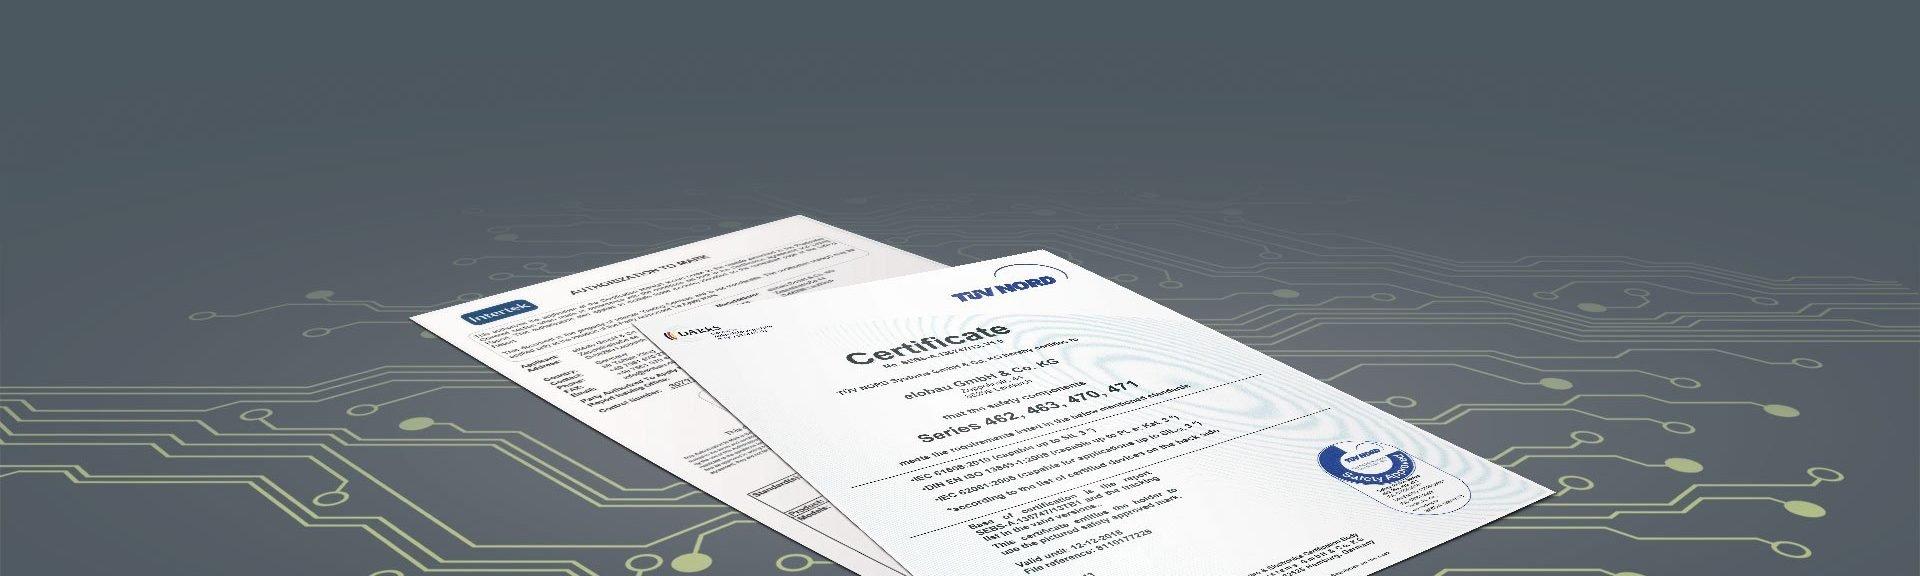 Zertifikate Bedienelemente